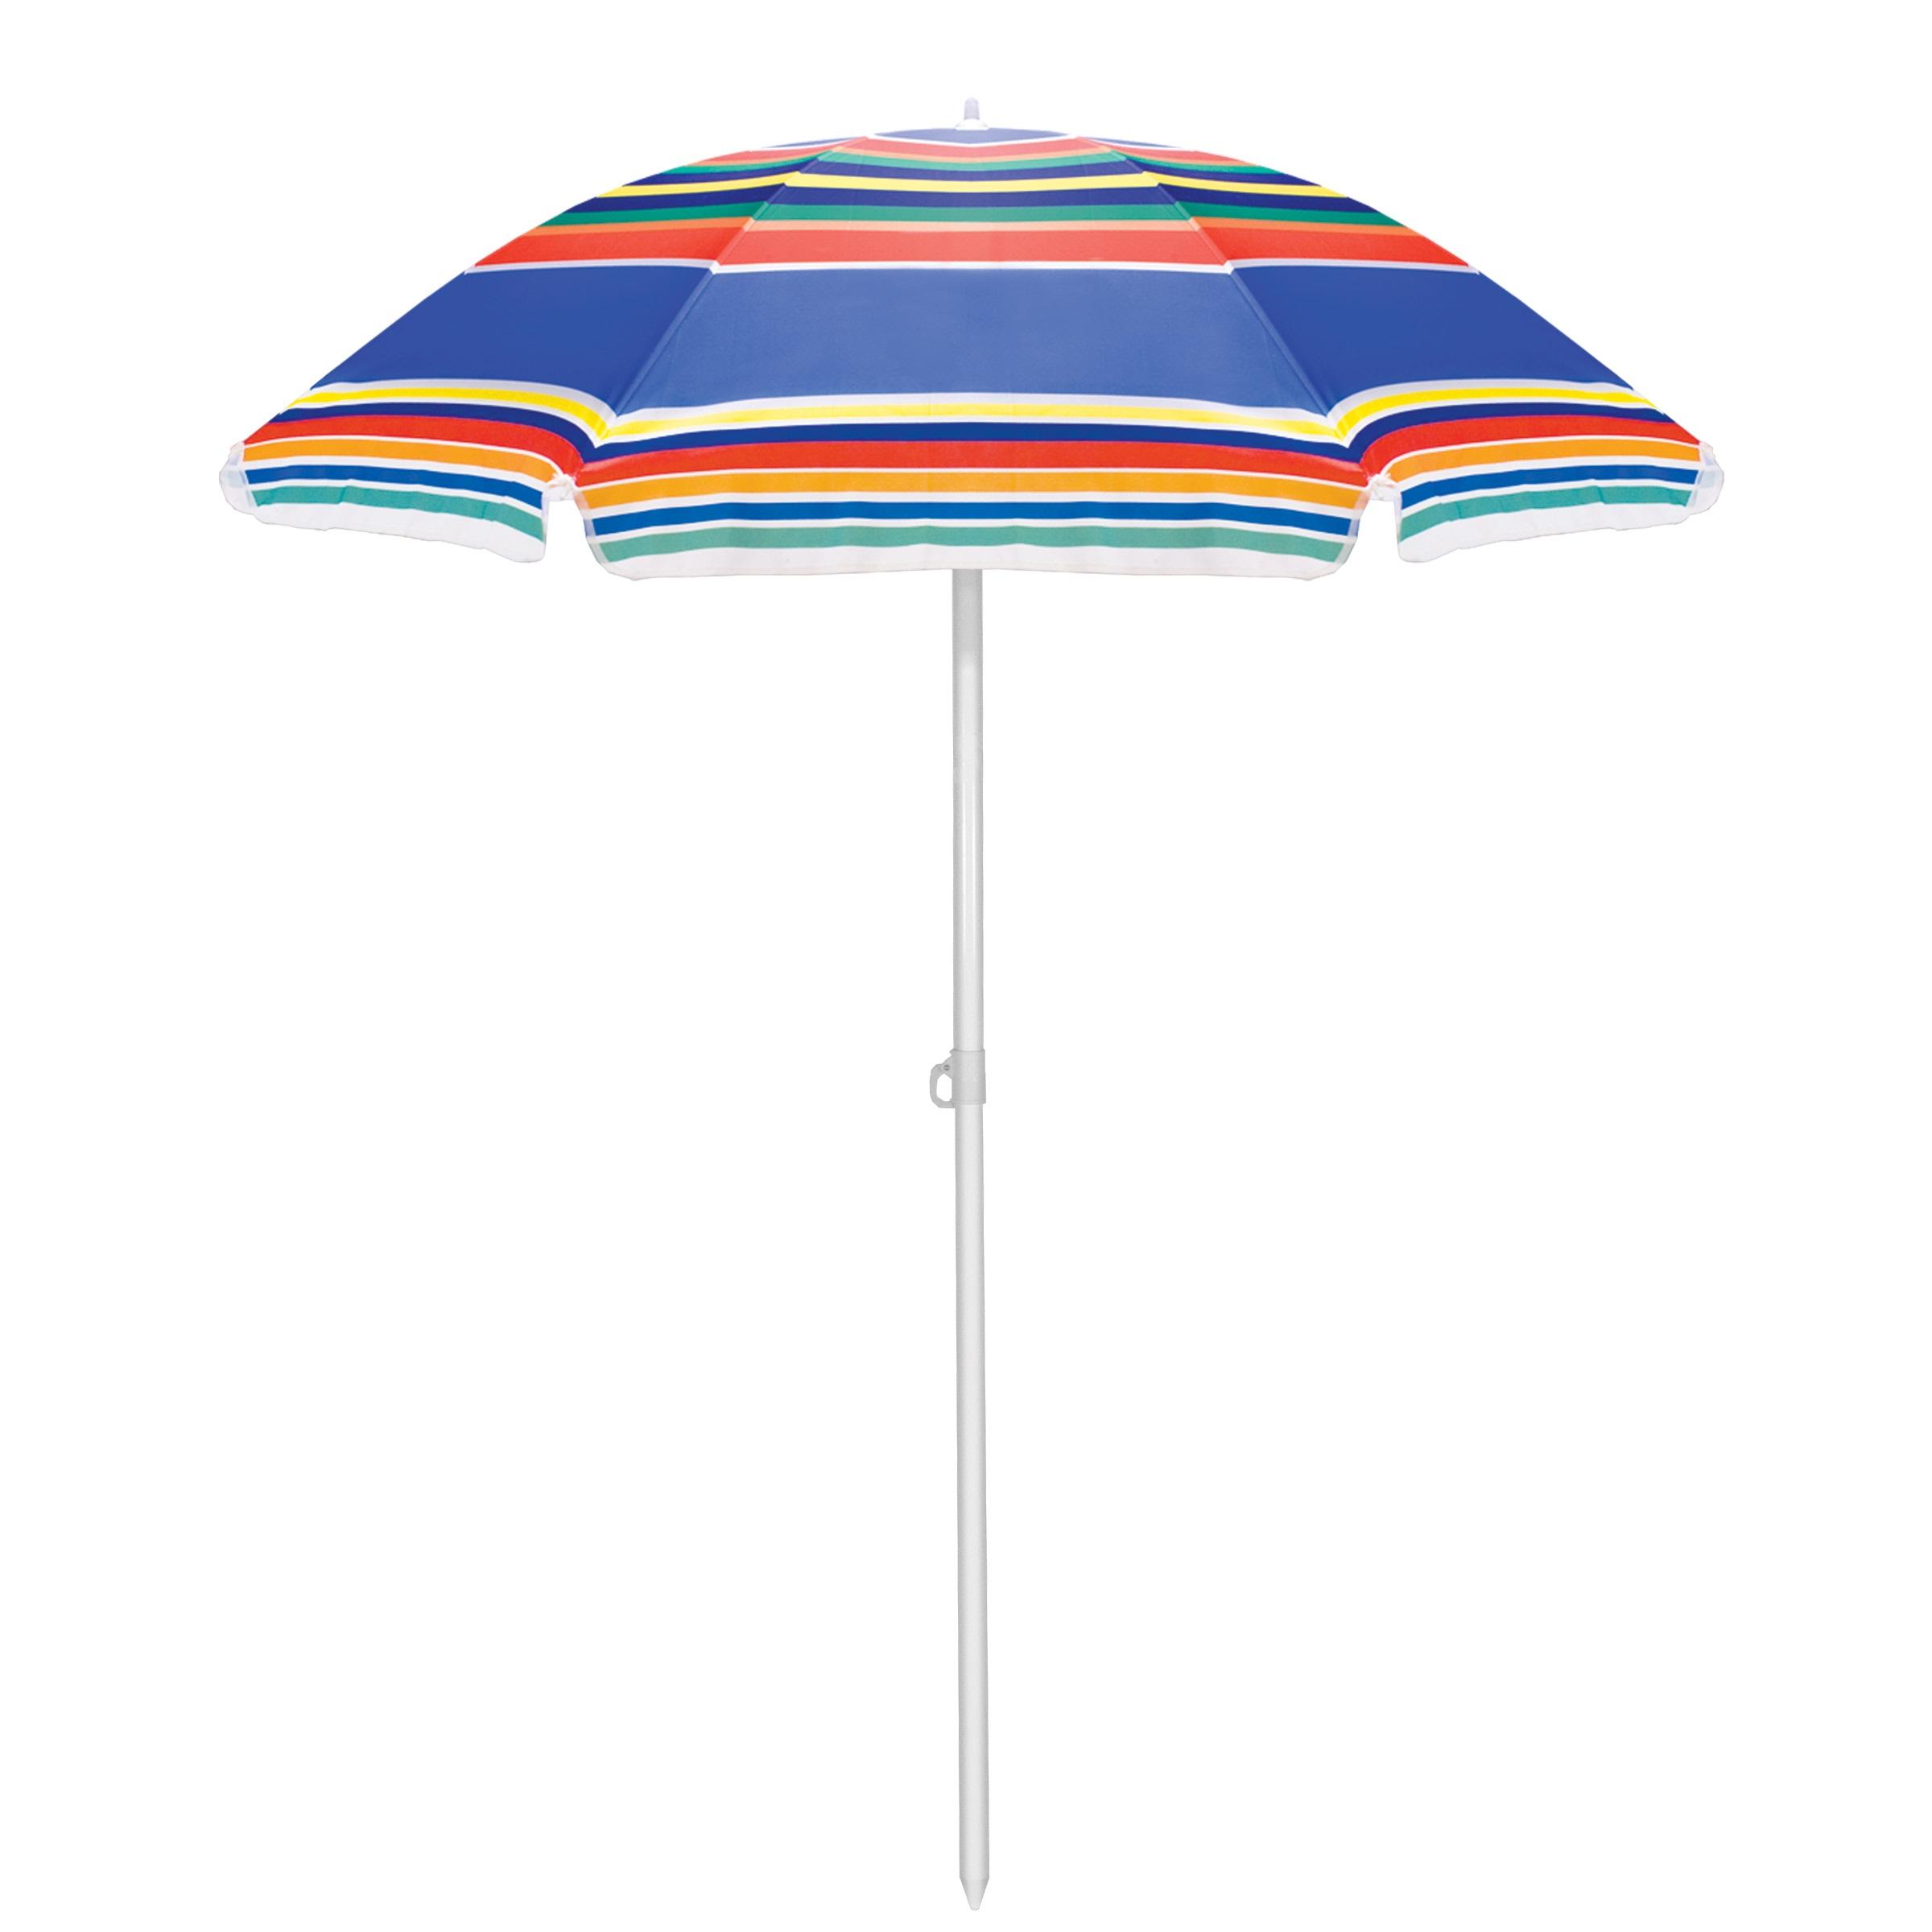 Picnic Time Multi Colored Stripe Picnic Table Umbrella